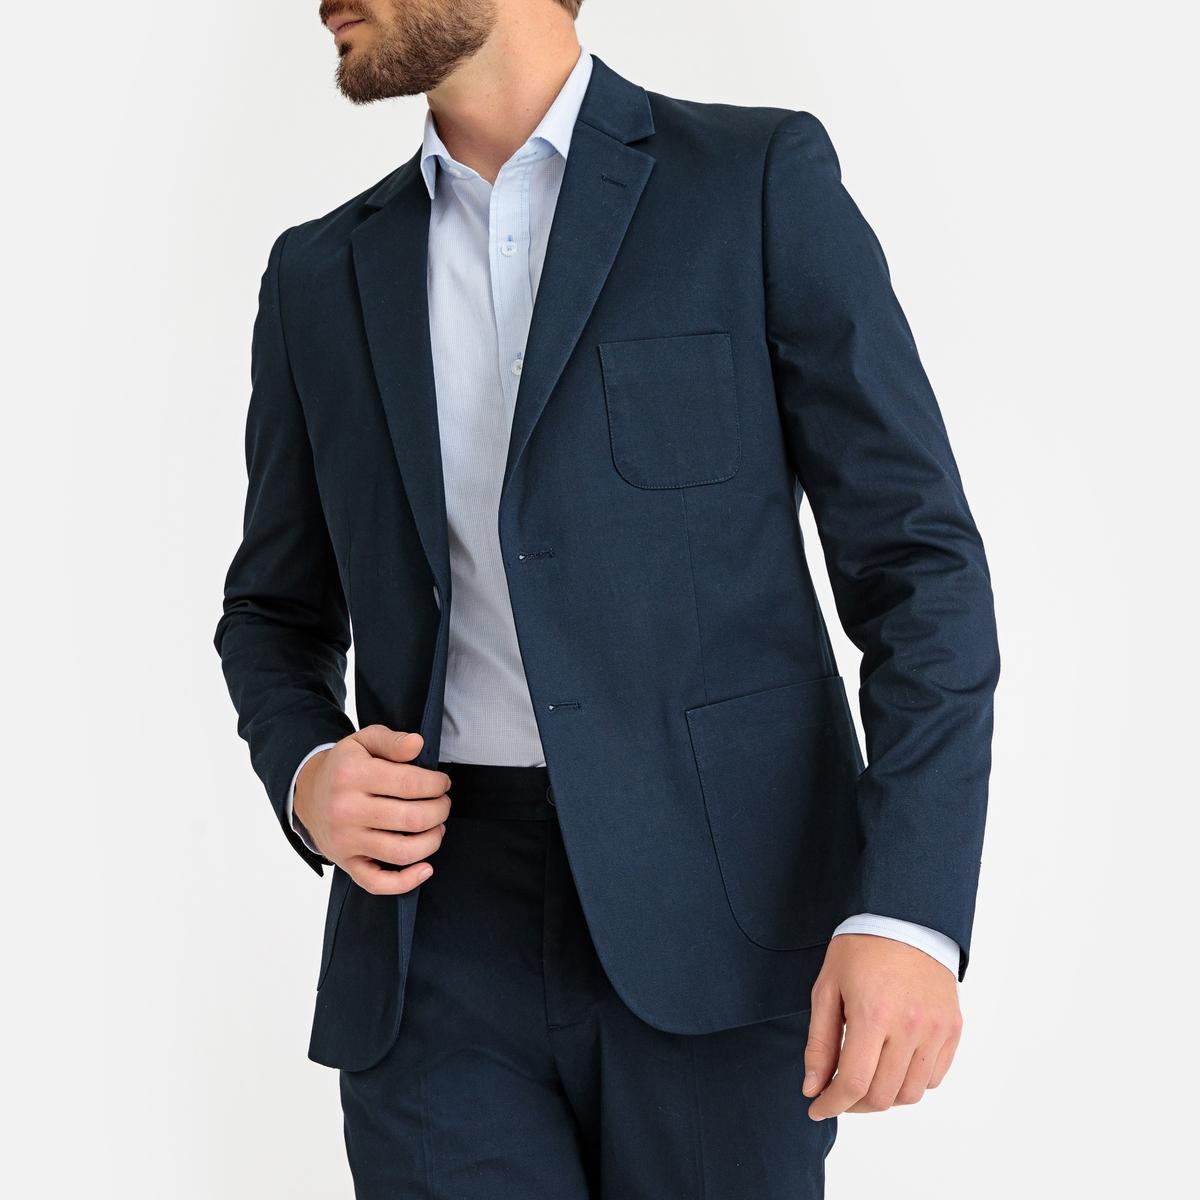 Фото - Жакет LaRedoute Прямого покроя из смесовой хлопковой ткани пике 42 синий юбка laredoute джинсовая прямого покроя xs синий